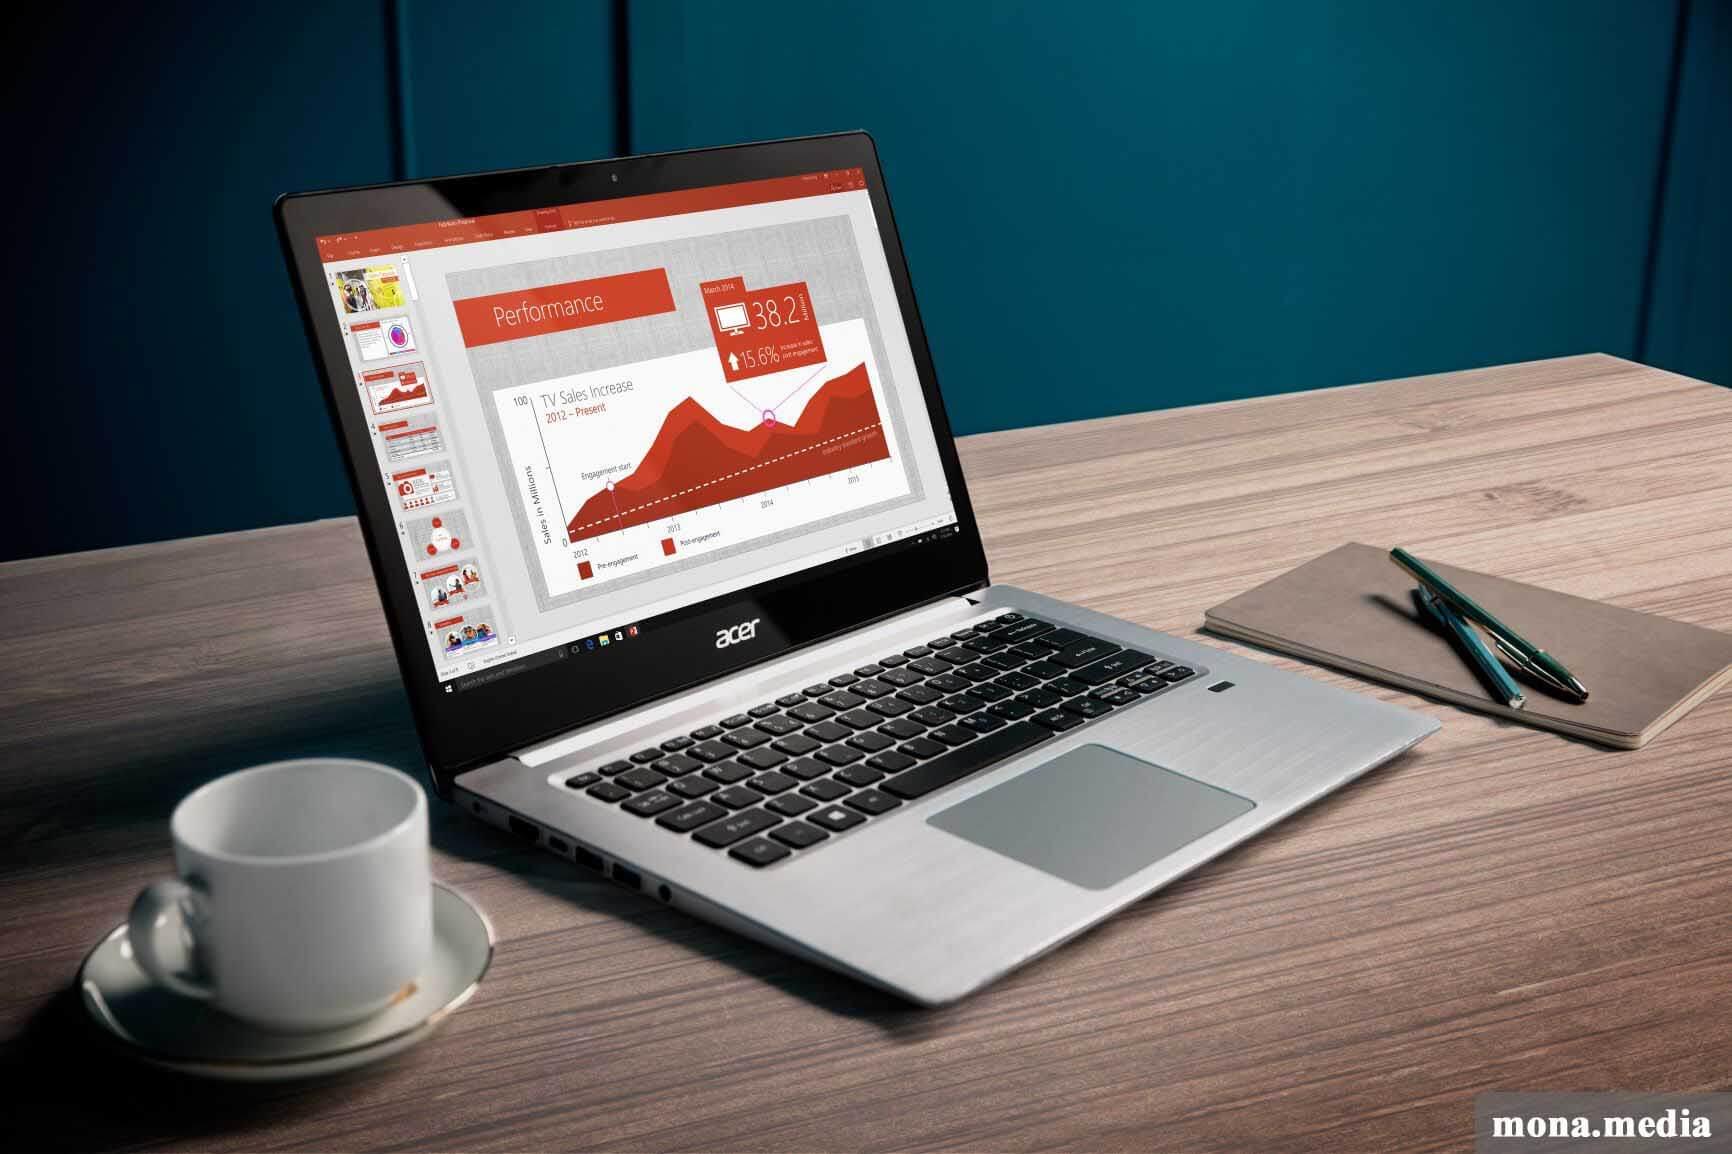 Phần mềm quản lý khách sạn có thực sự mang lại hiệu quả cho nhà kinh doanh?